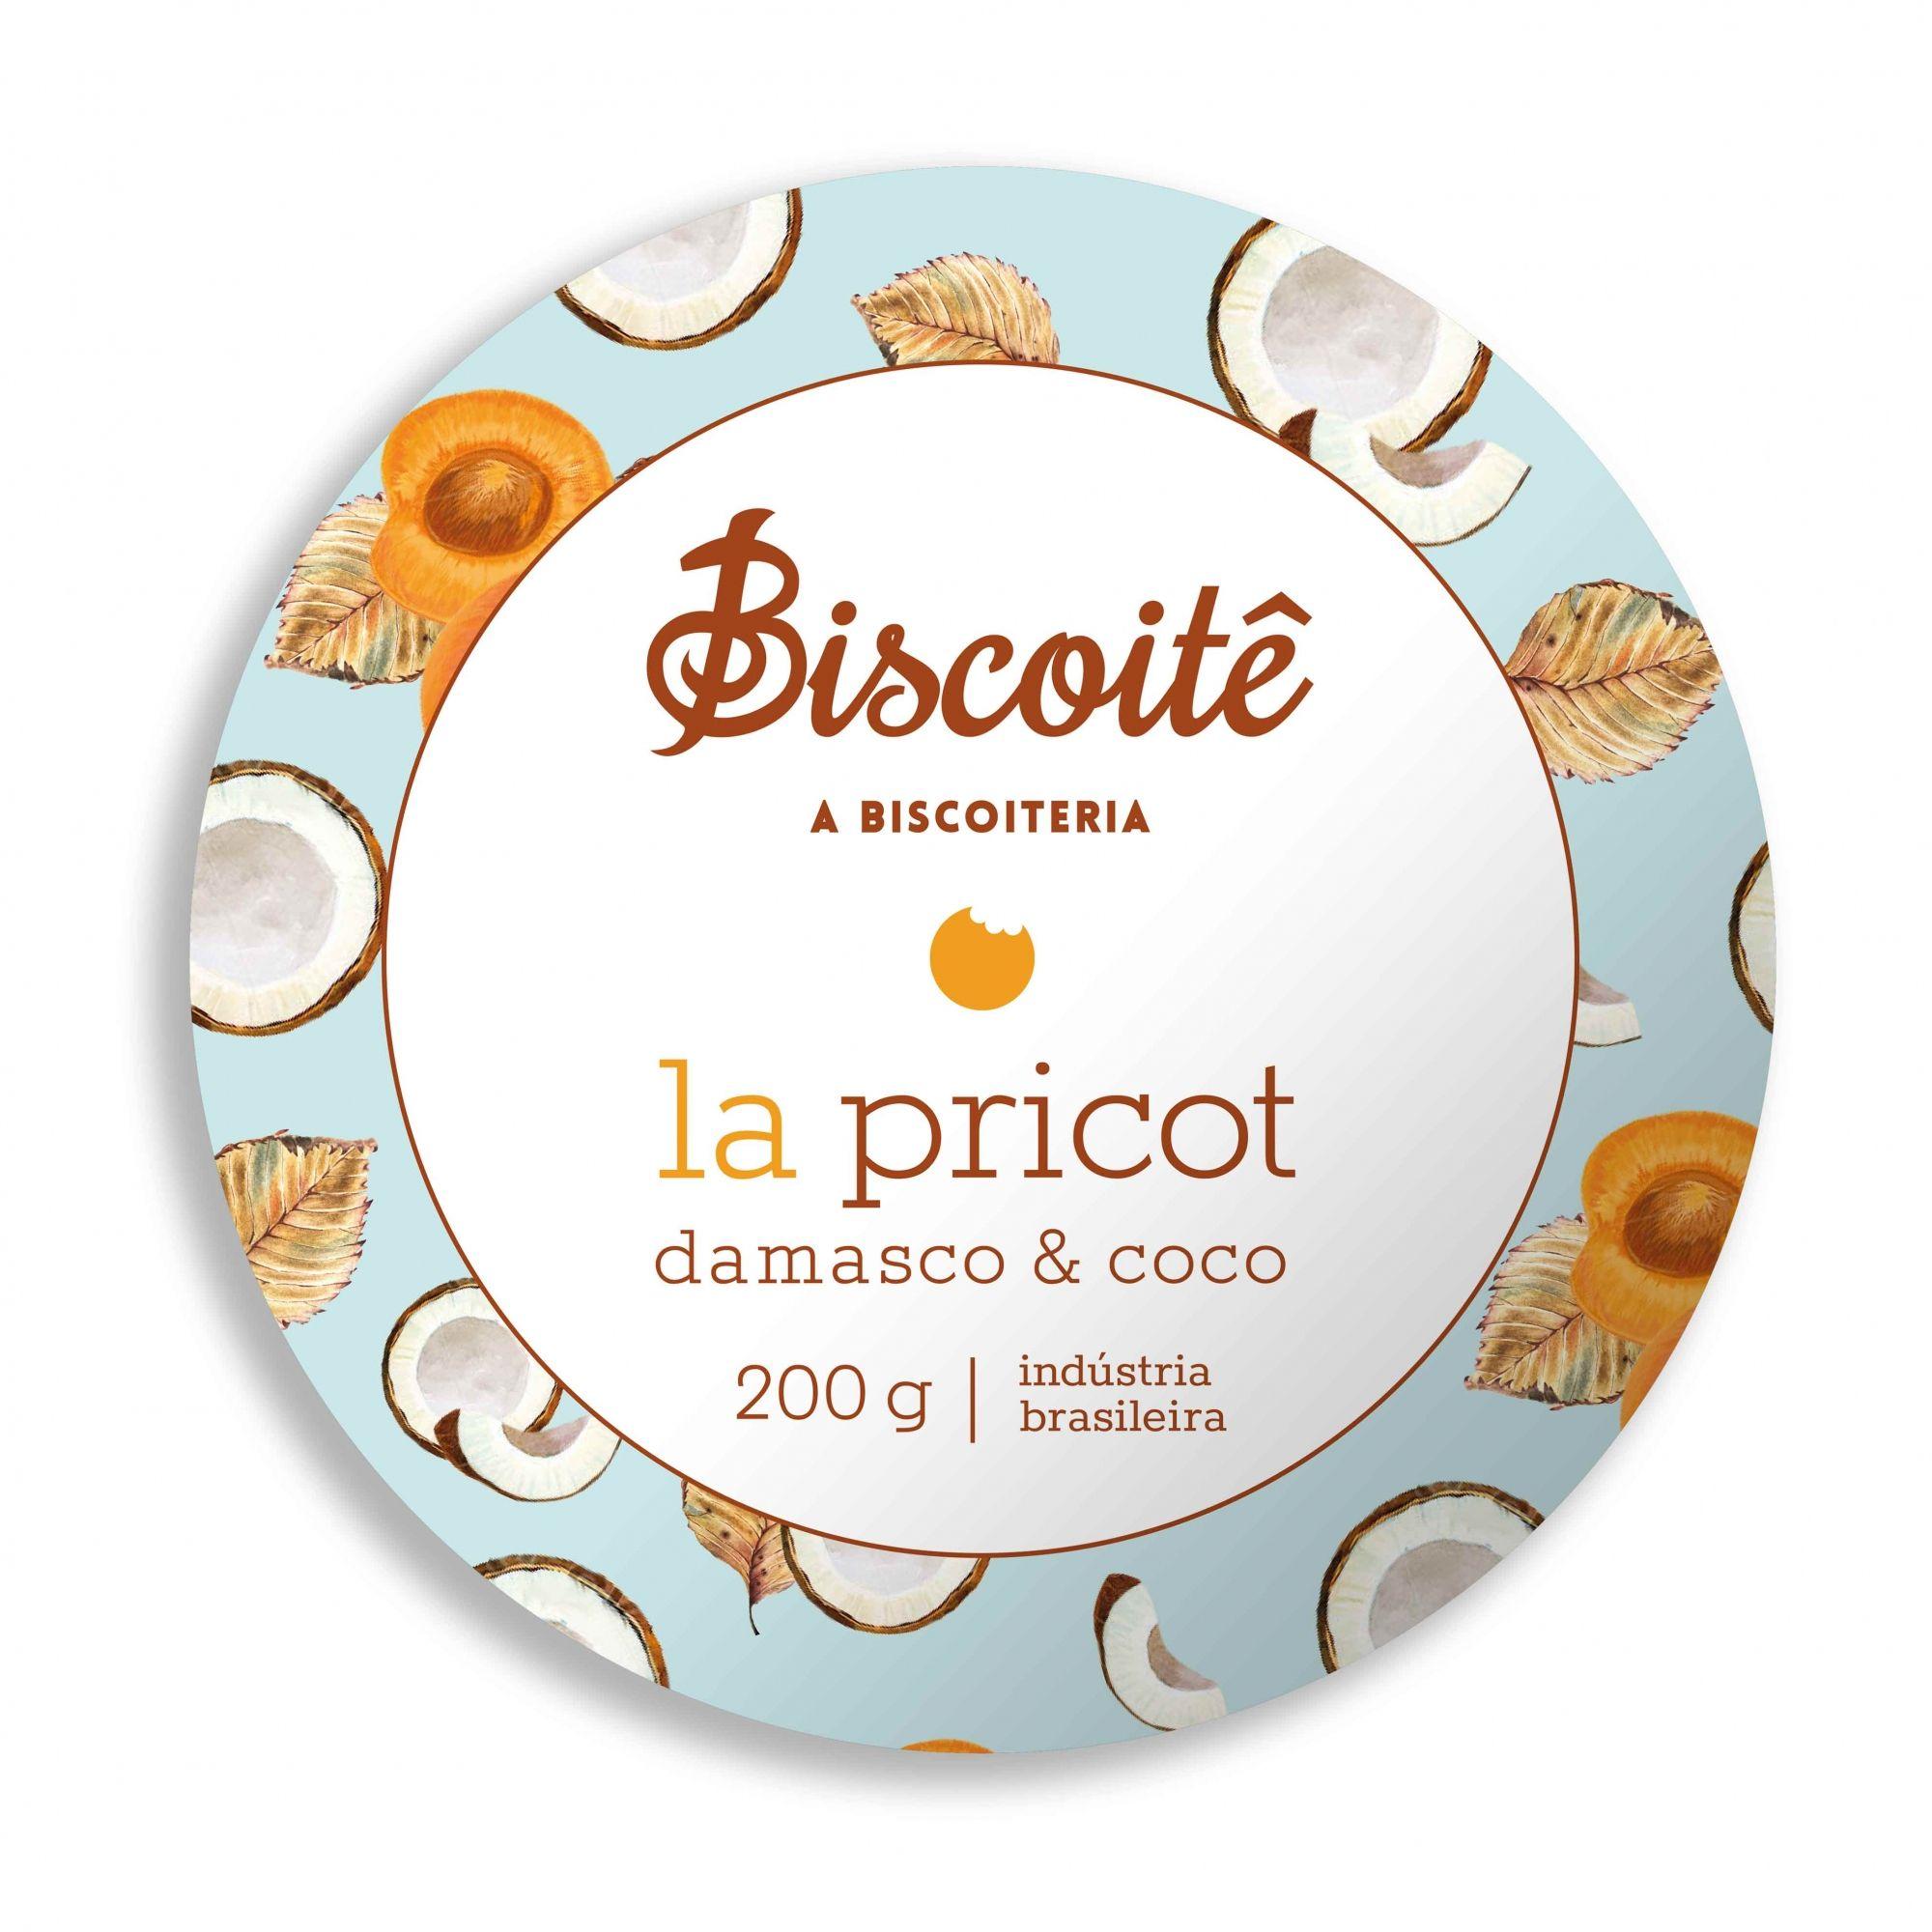 La Pricot - 200g